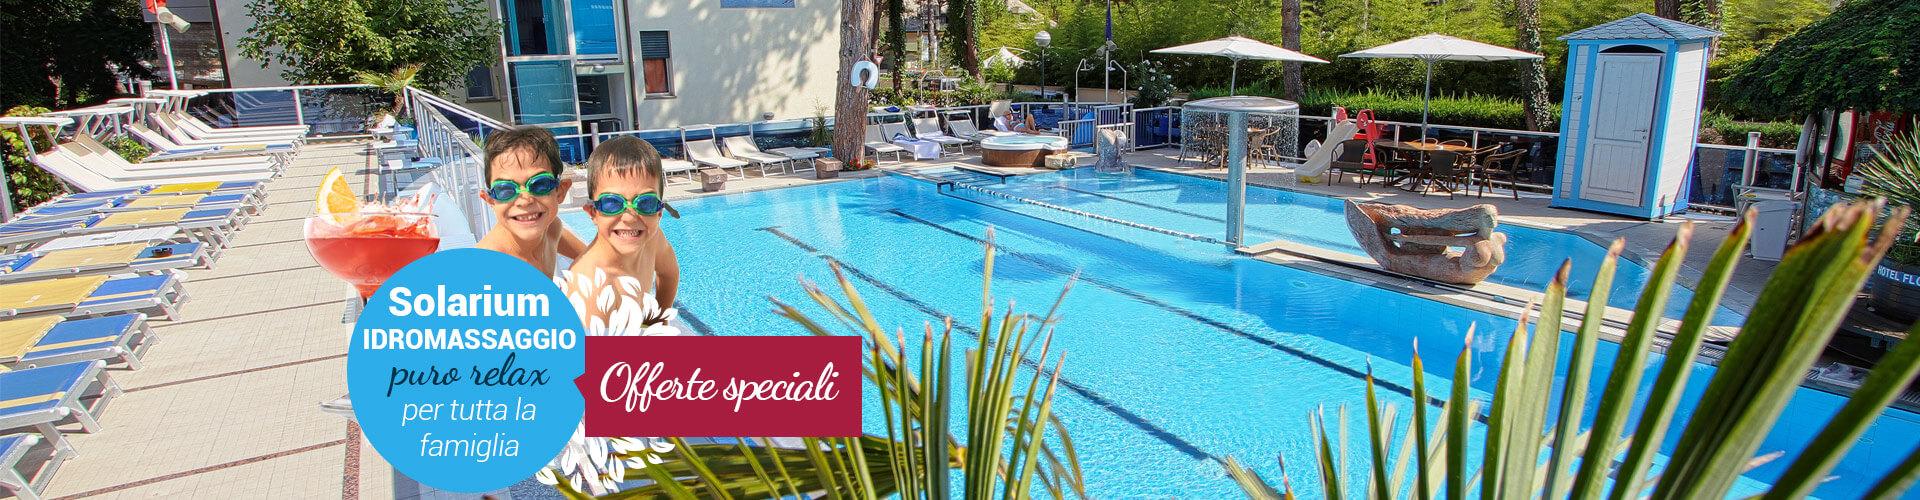 Hotel con piscina a milano marittima hotel flora for Piscina rialzata